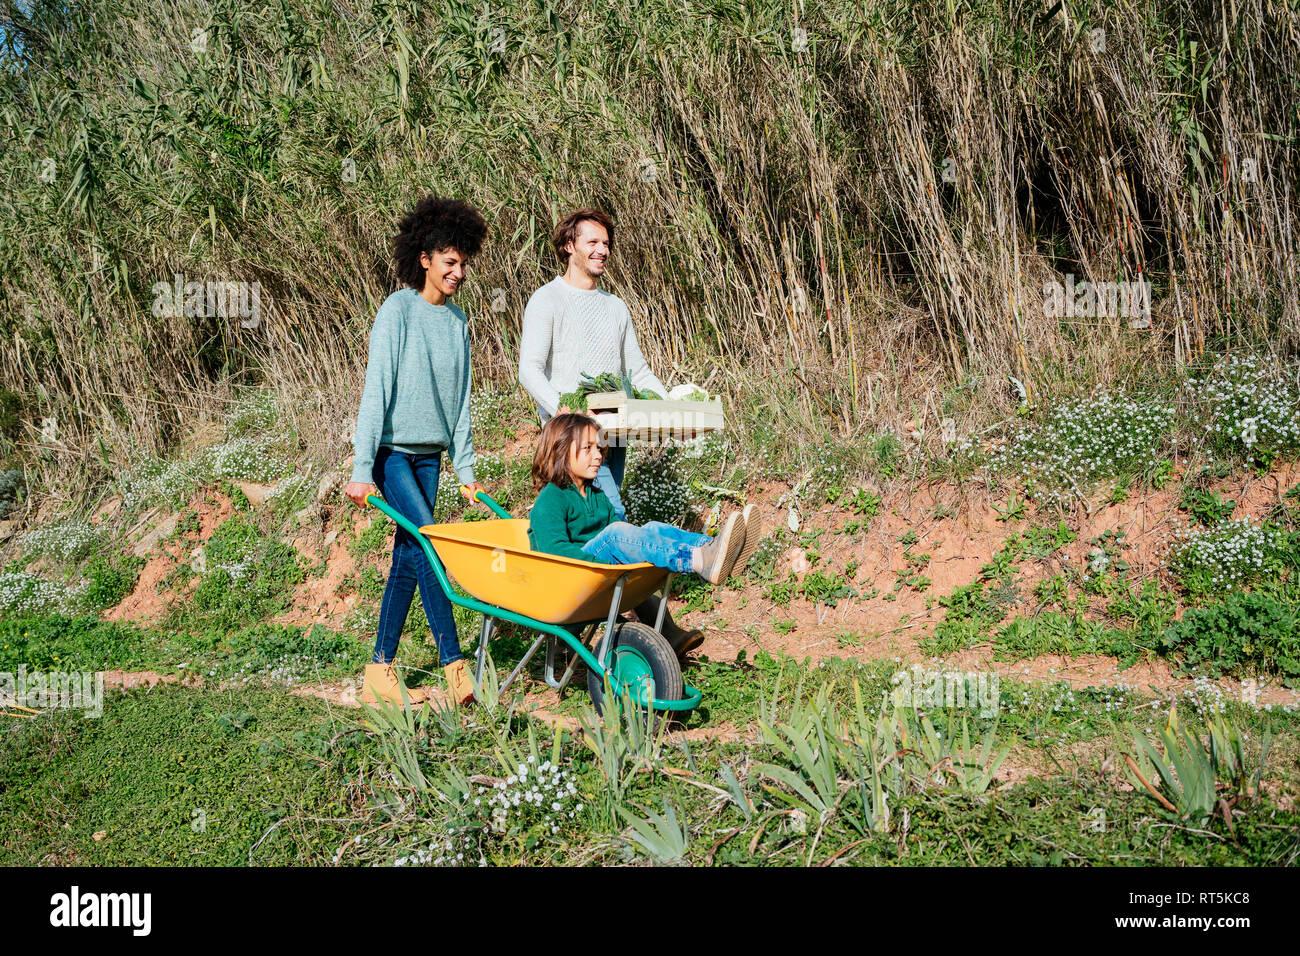 Familia caminando por una pista de tierra, empujando la carretilla de mano, caja de transporte con verduras Foto de stock